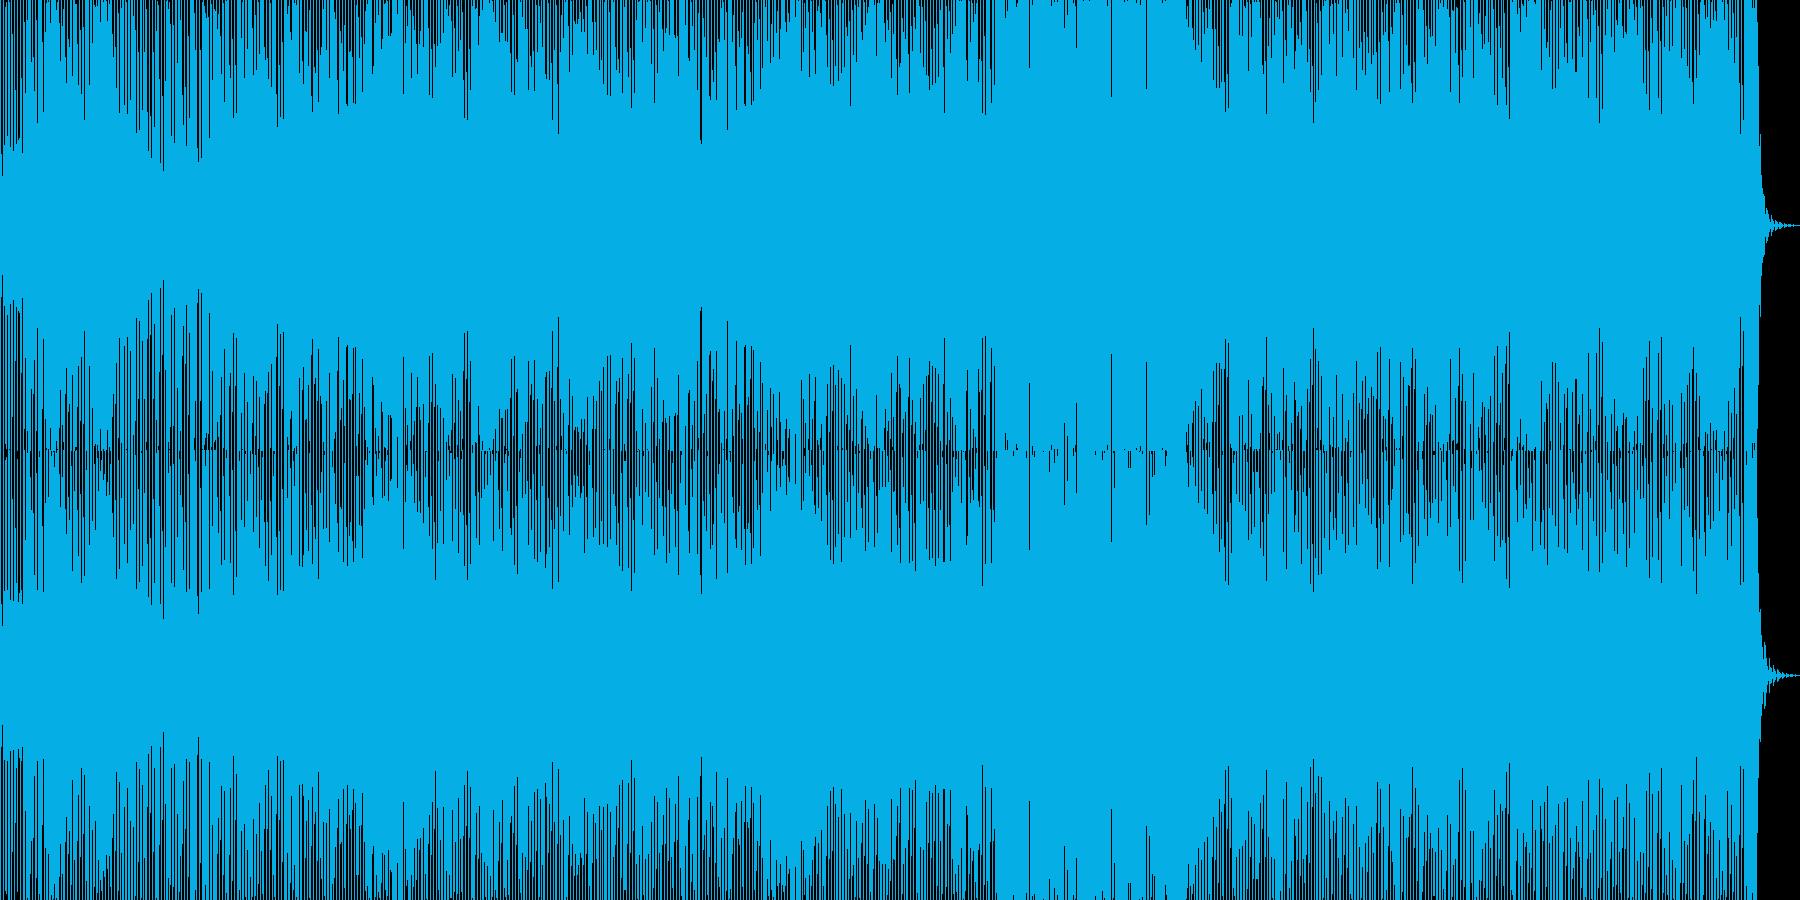 ミディアムテンポのクラブ系サウンドの再生済みの波形